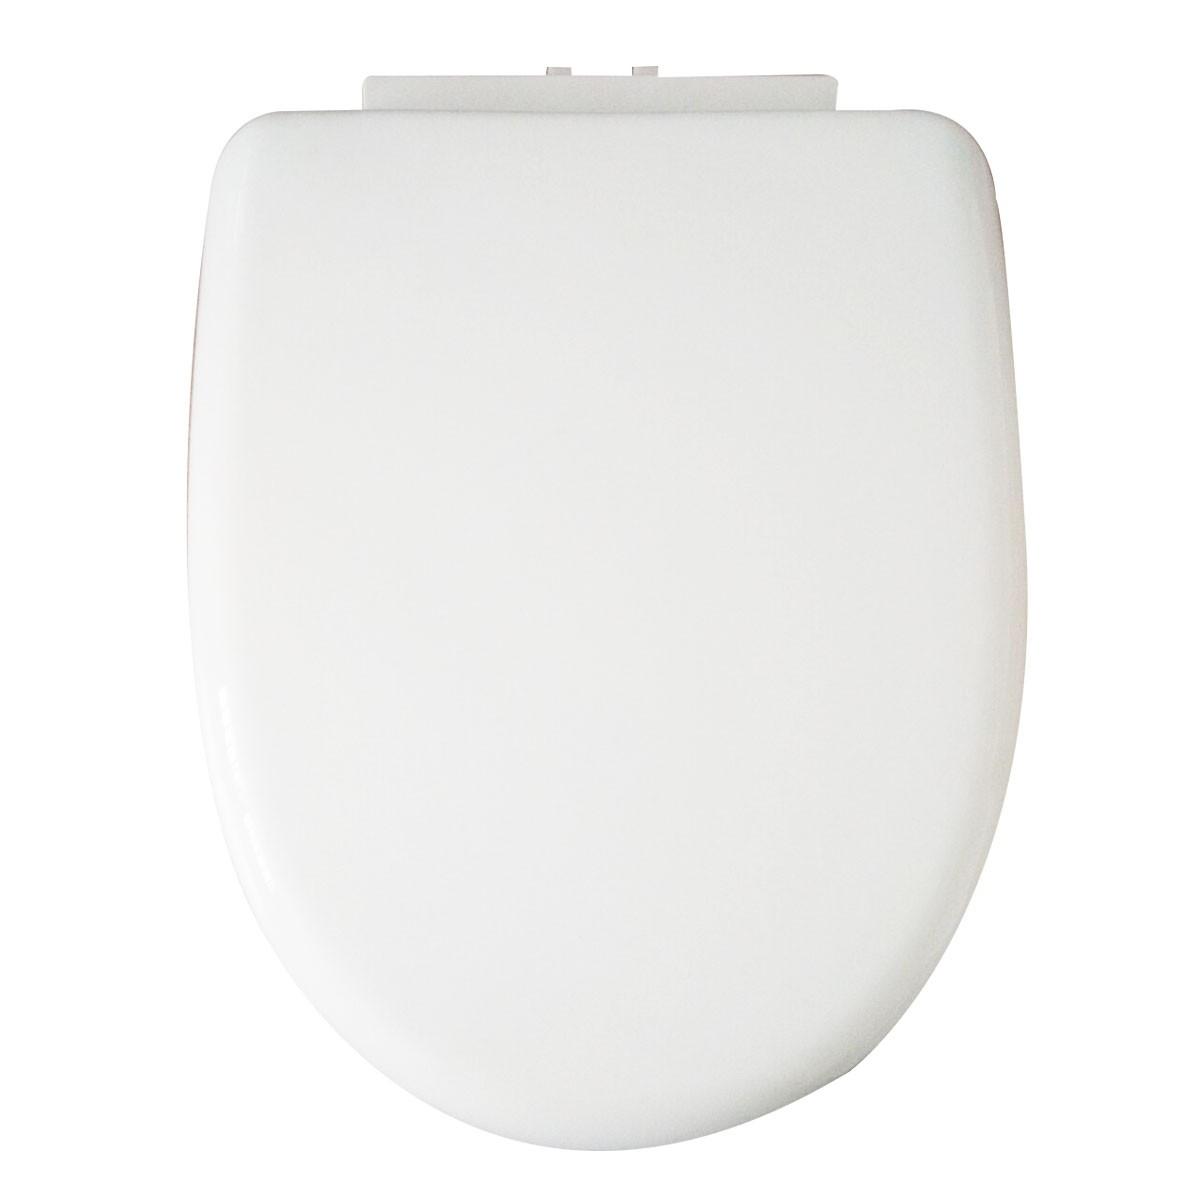 Siège de Toilette Blanc à Fermeture Douce avec Couvercle en PP (DK-CL-021)